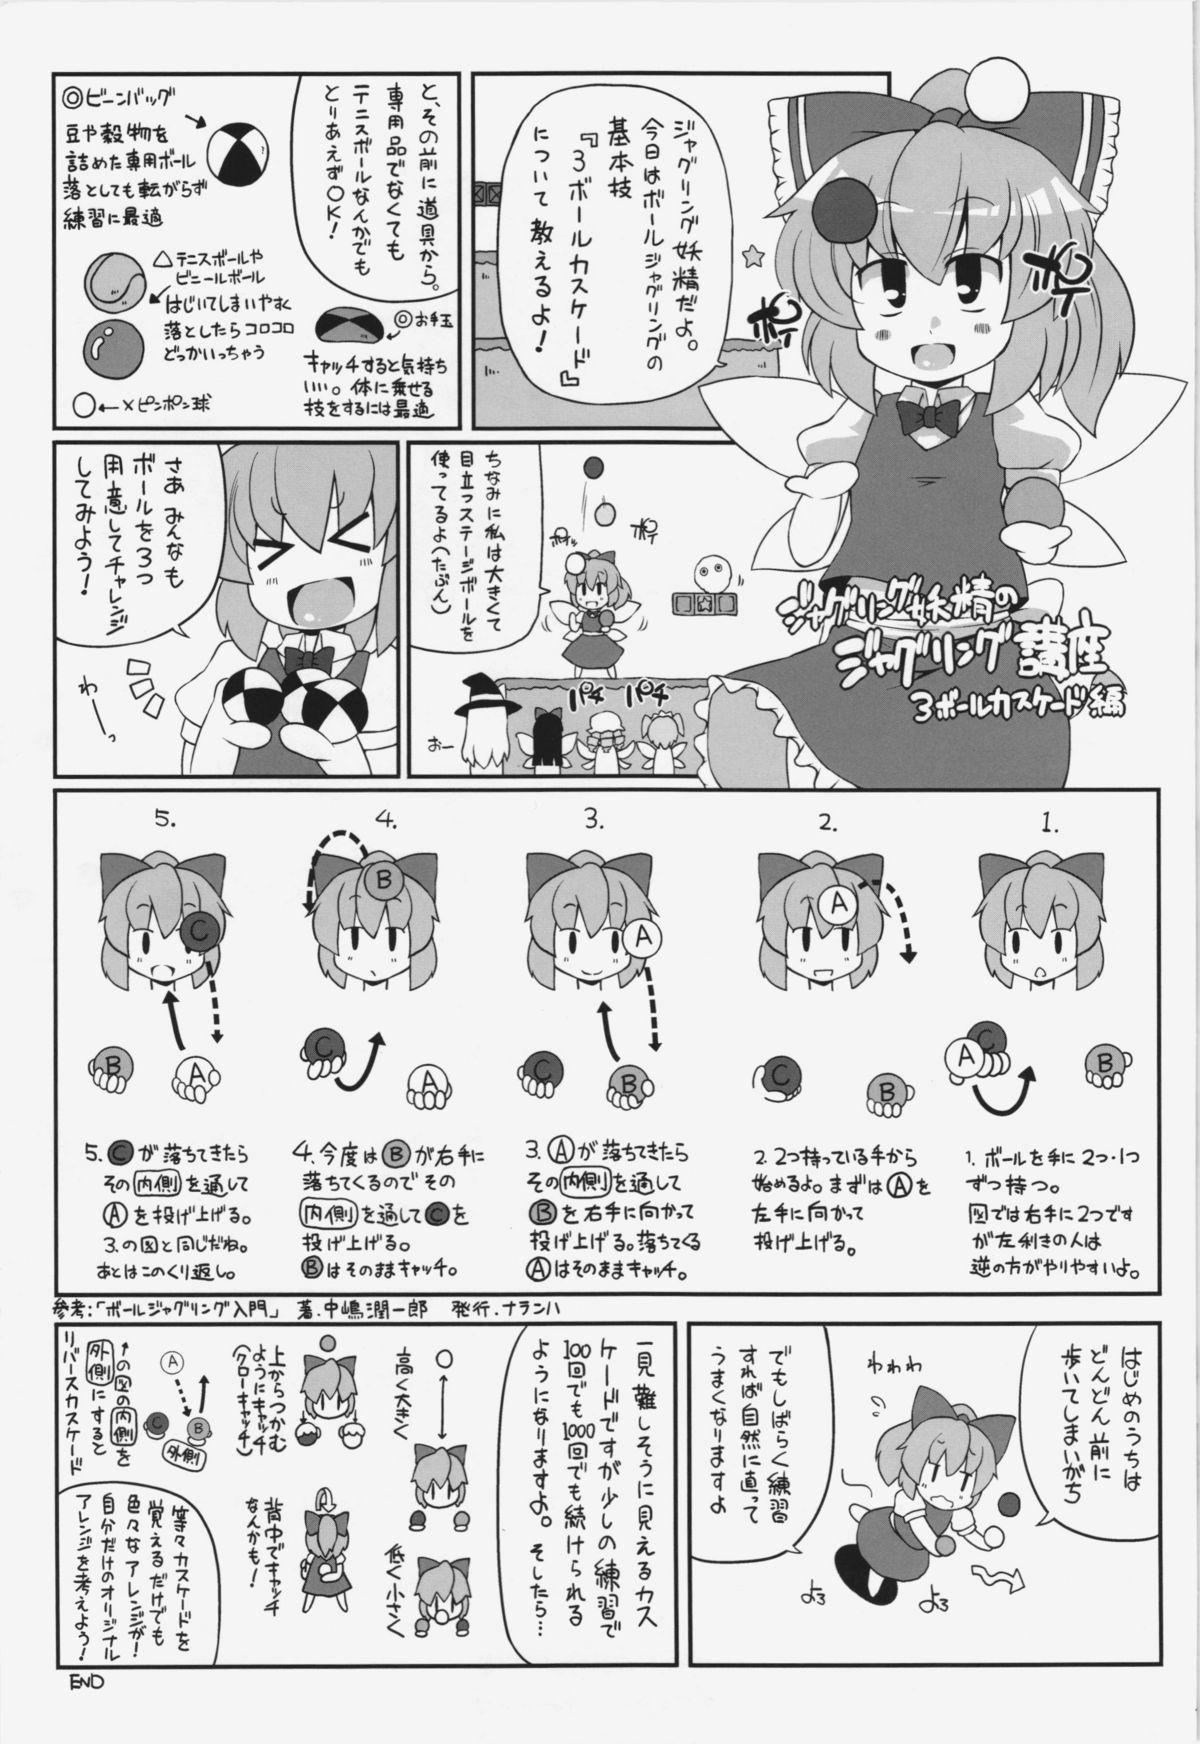 Ketsu darake Touhou Soushuuhen + 136